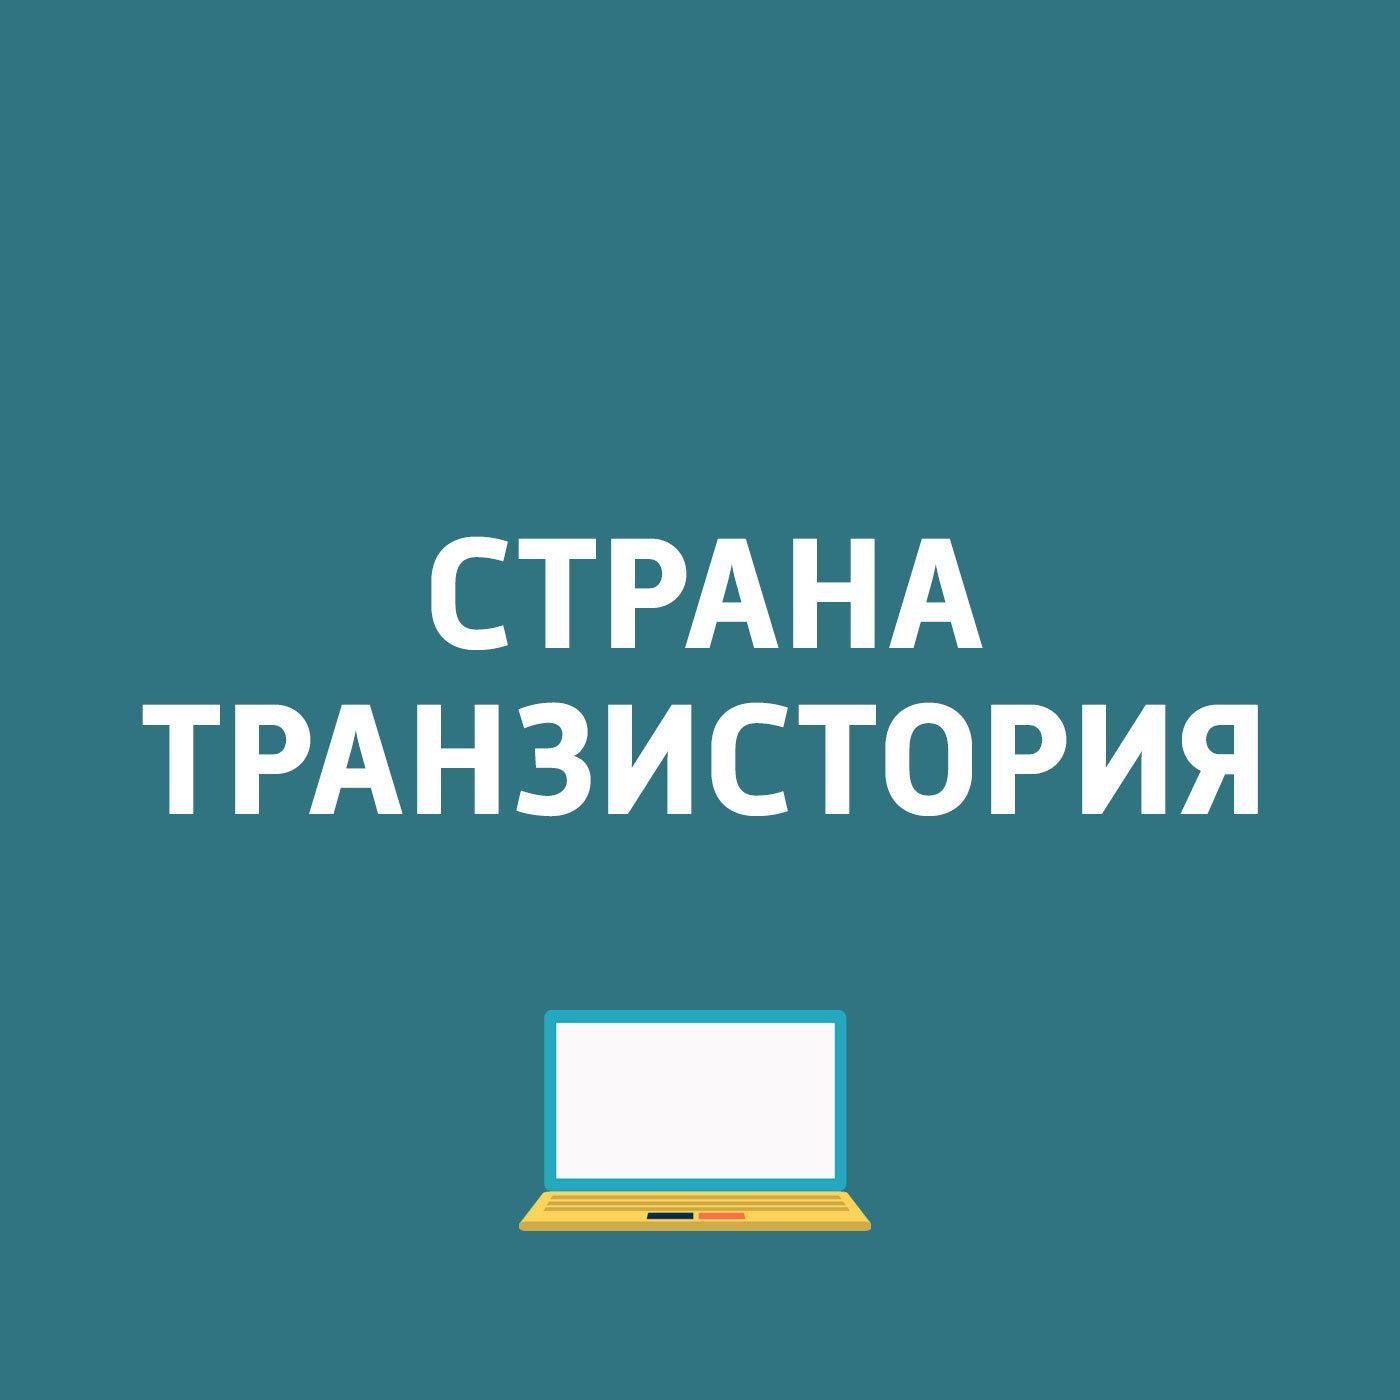 Картаев Павел Стартовало «Народное голосование Премии Рунета» картаев павел в яндекс маркет добавили возможность оплаты товаров картой